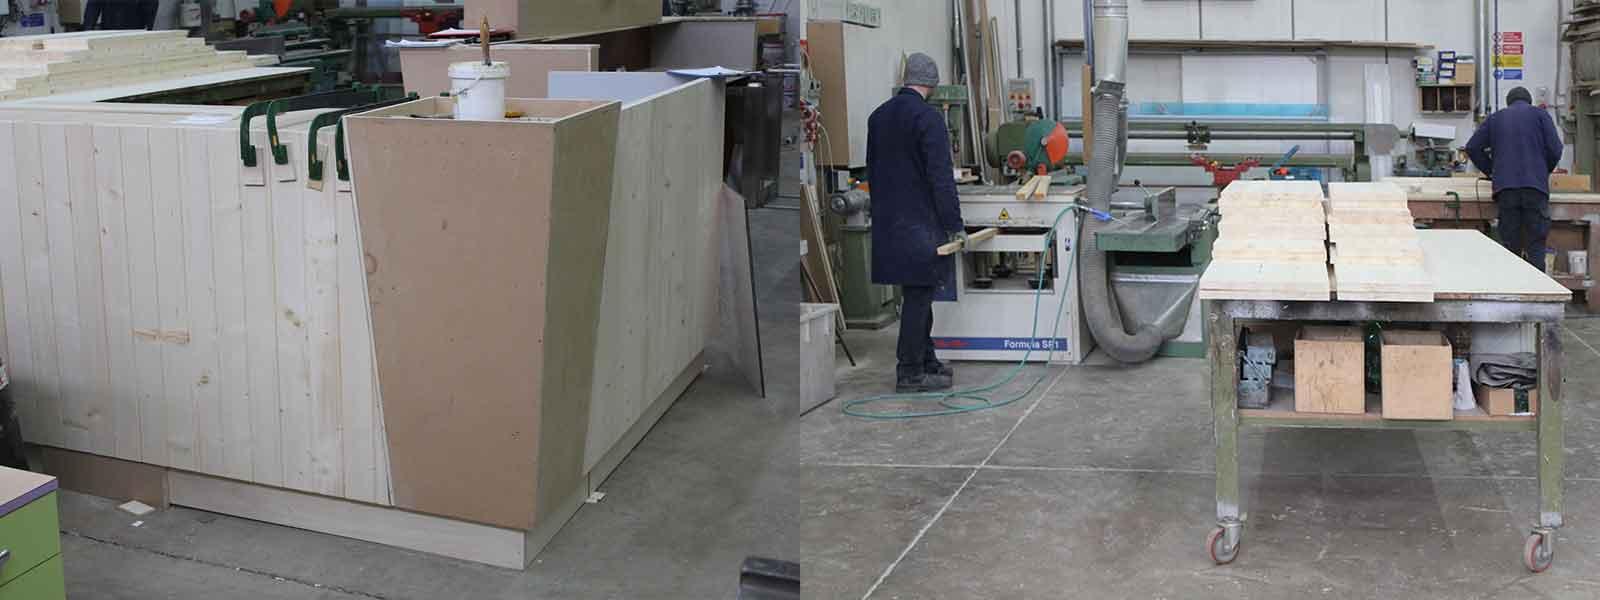 Falegnameria per la realizzazione di arredamento per locali commerciali a Grosseto